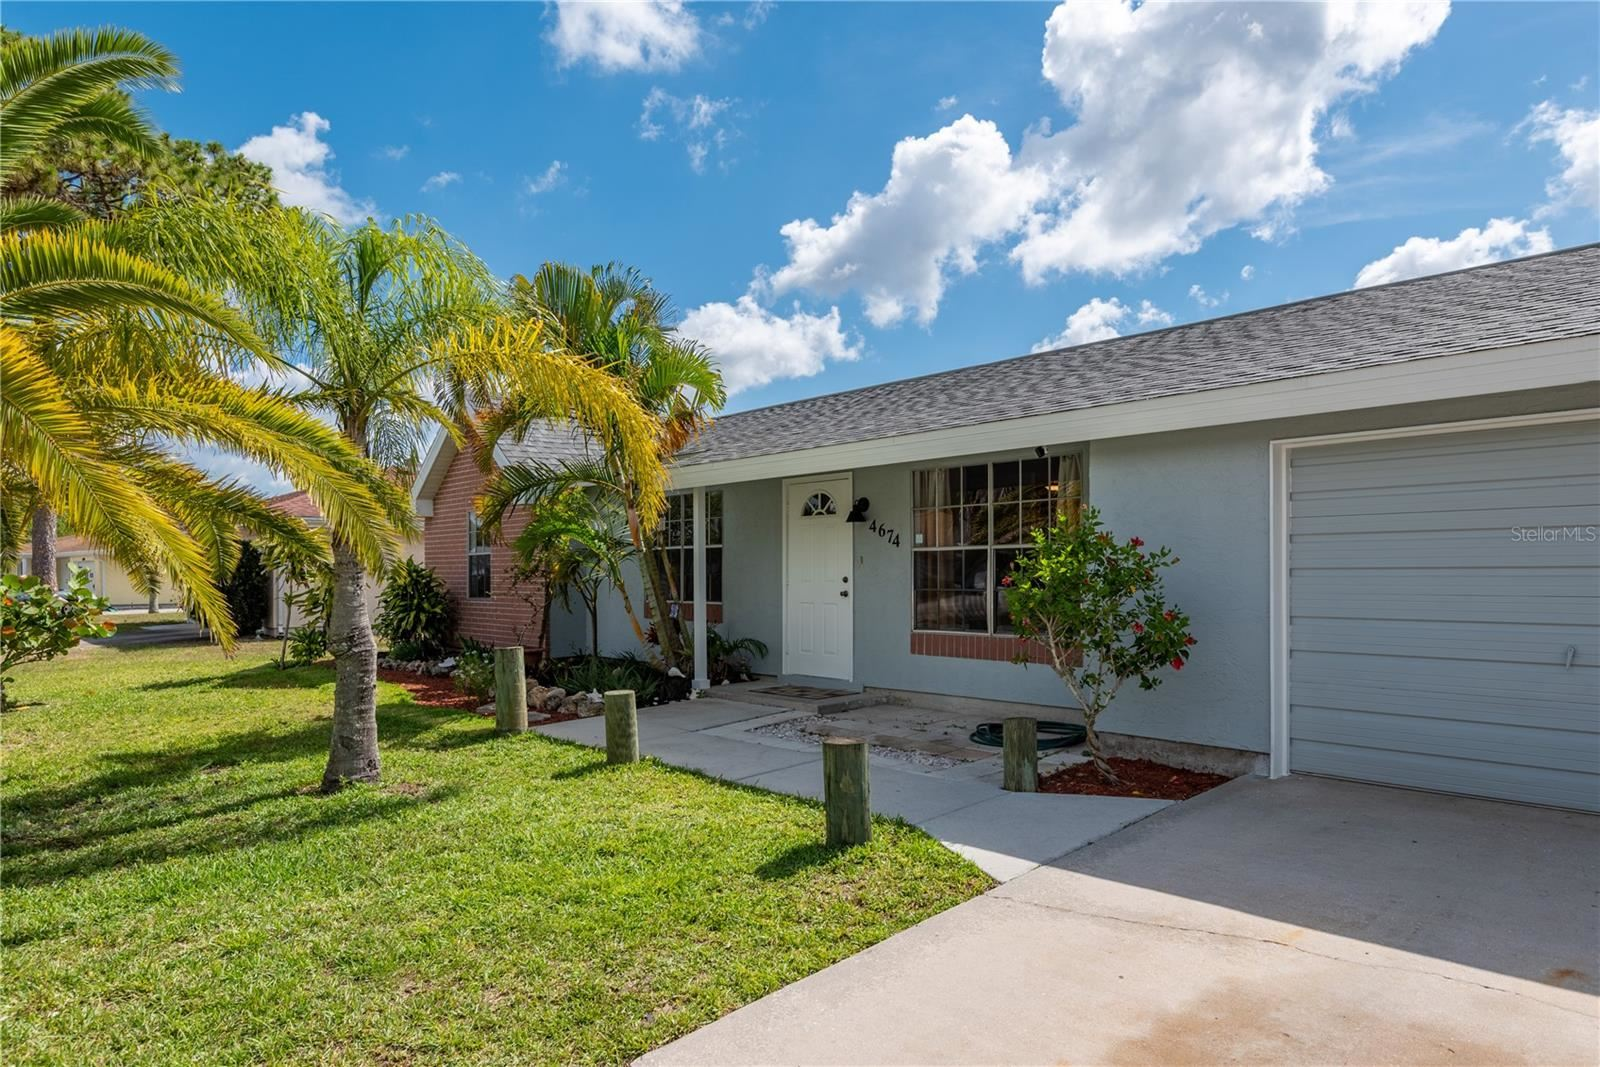 4674 PAYNE STREET, North Port, FL 34287 - MLS#: A4500825